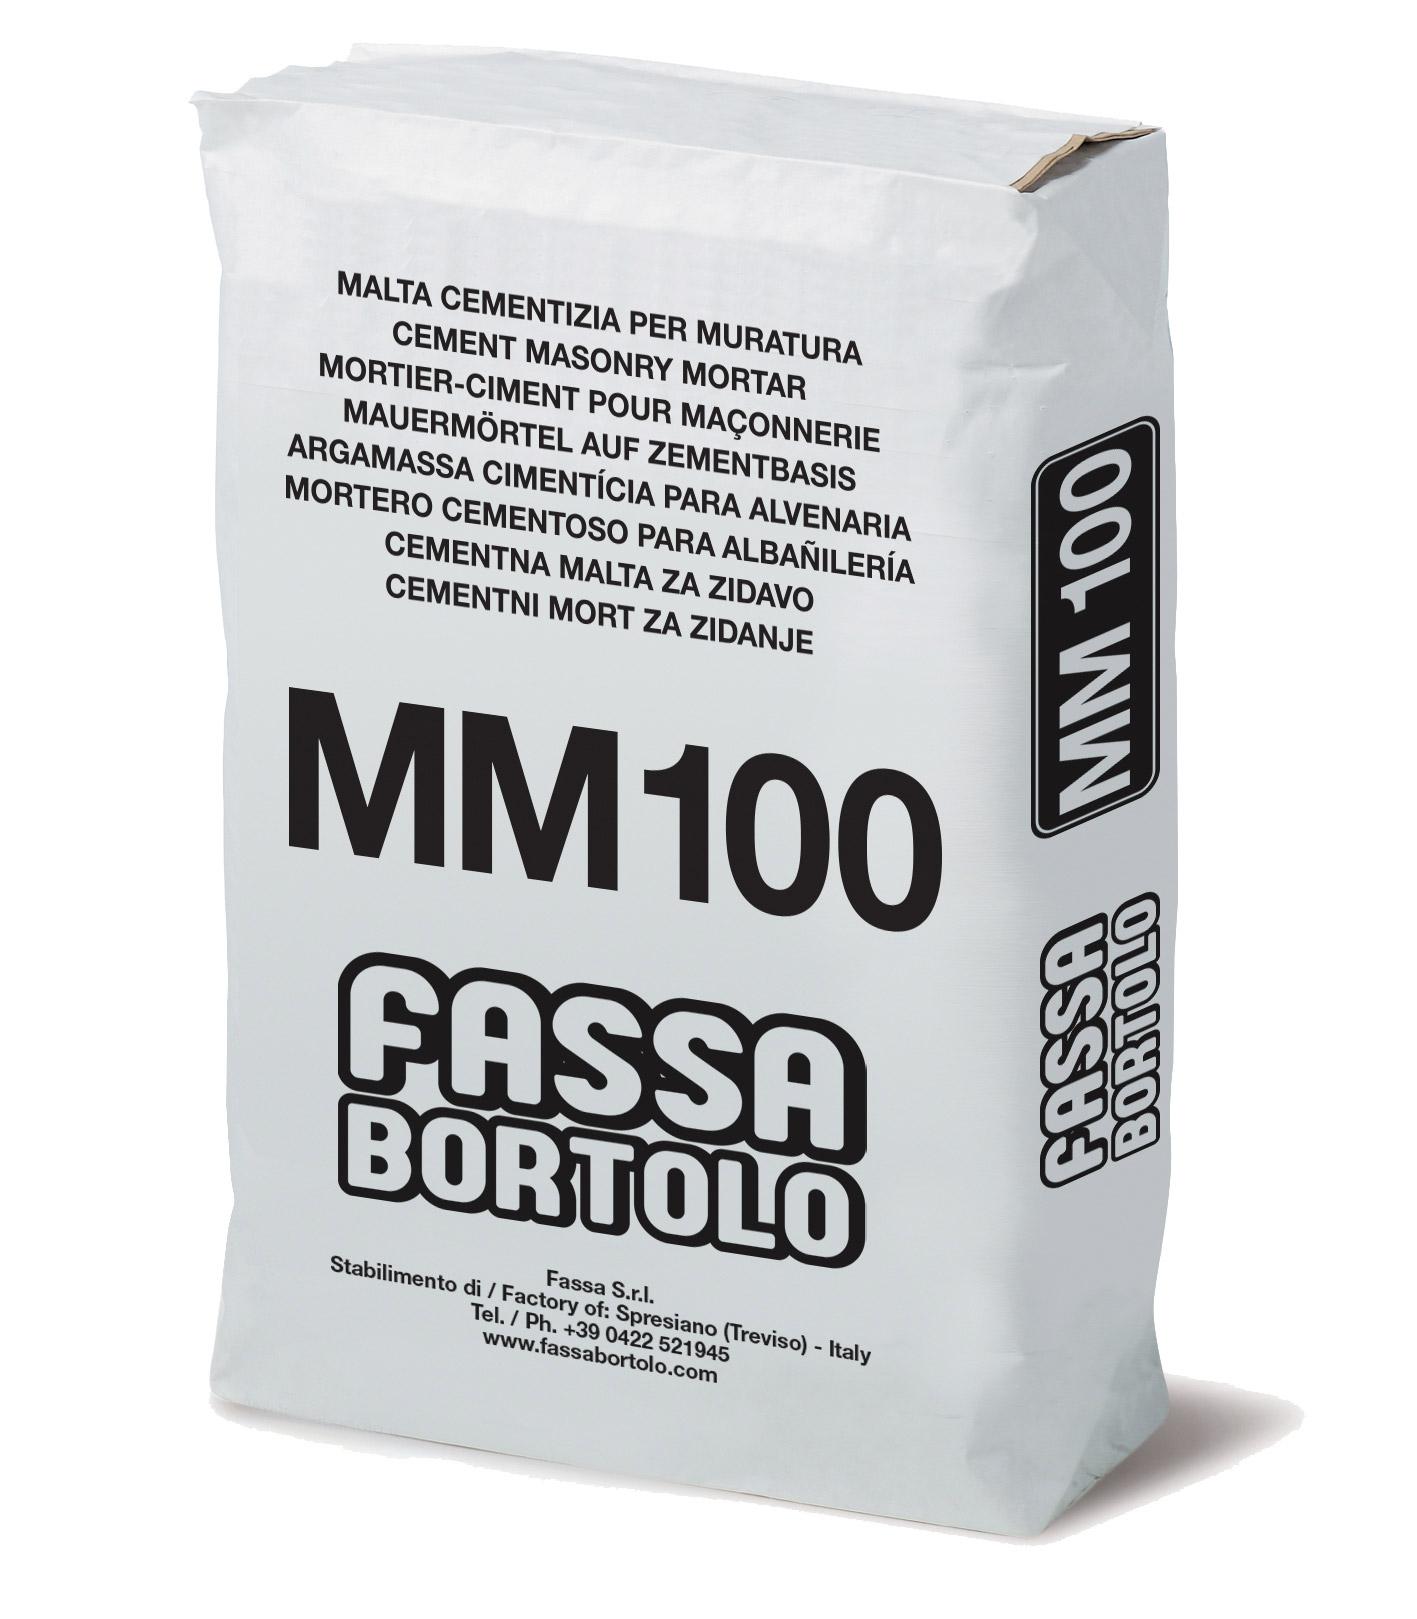 MM 100: Malta cementizia per muratura